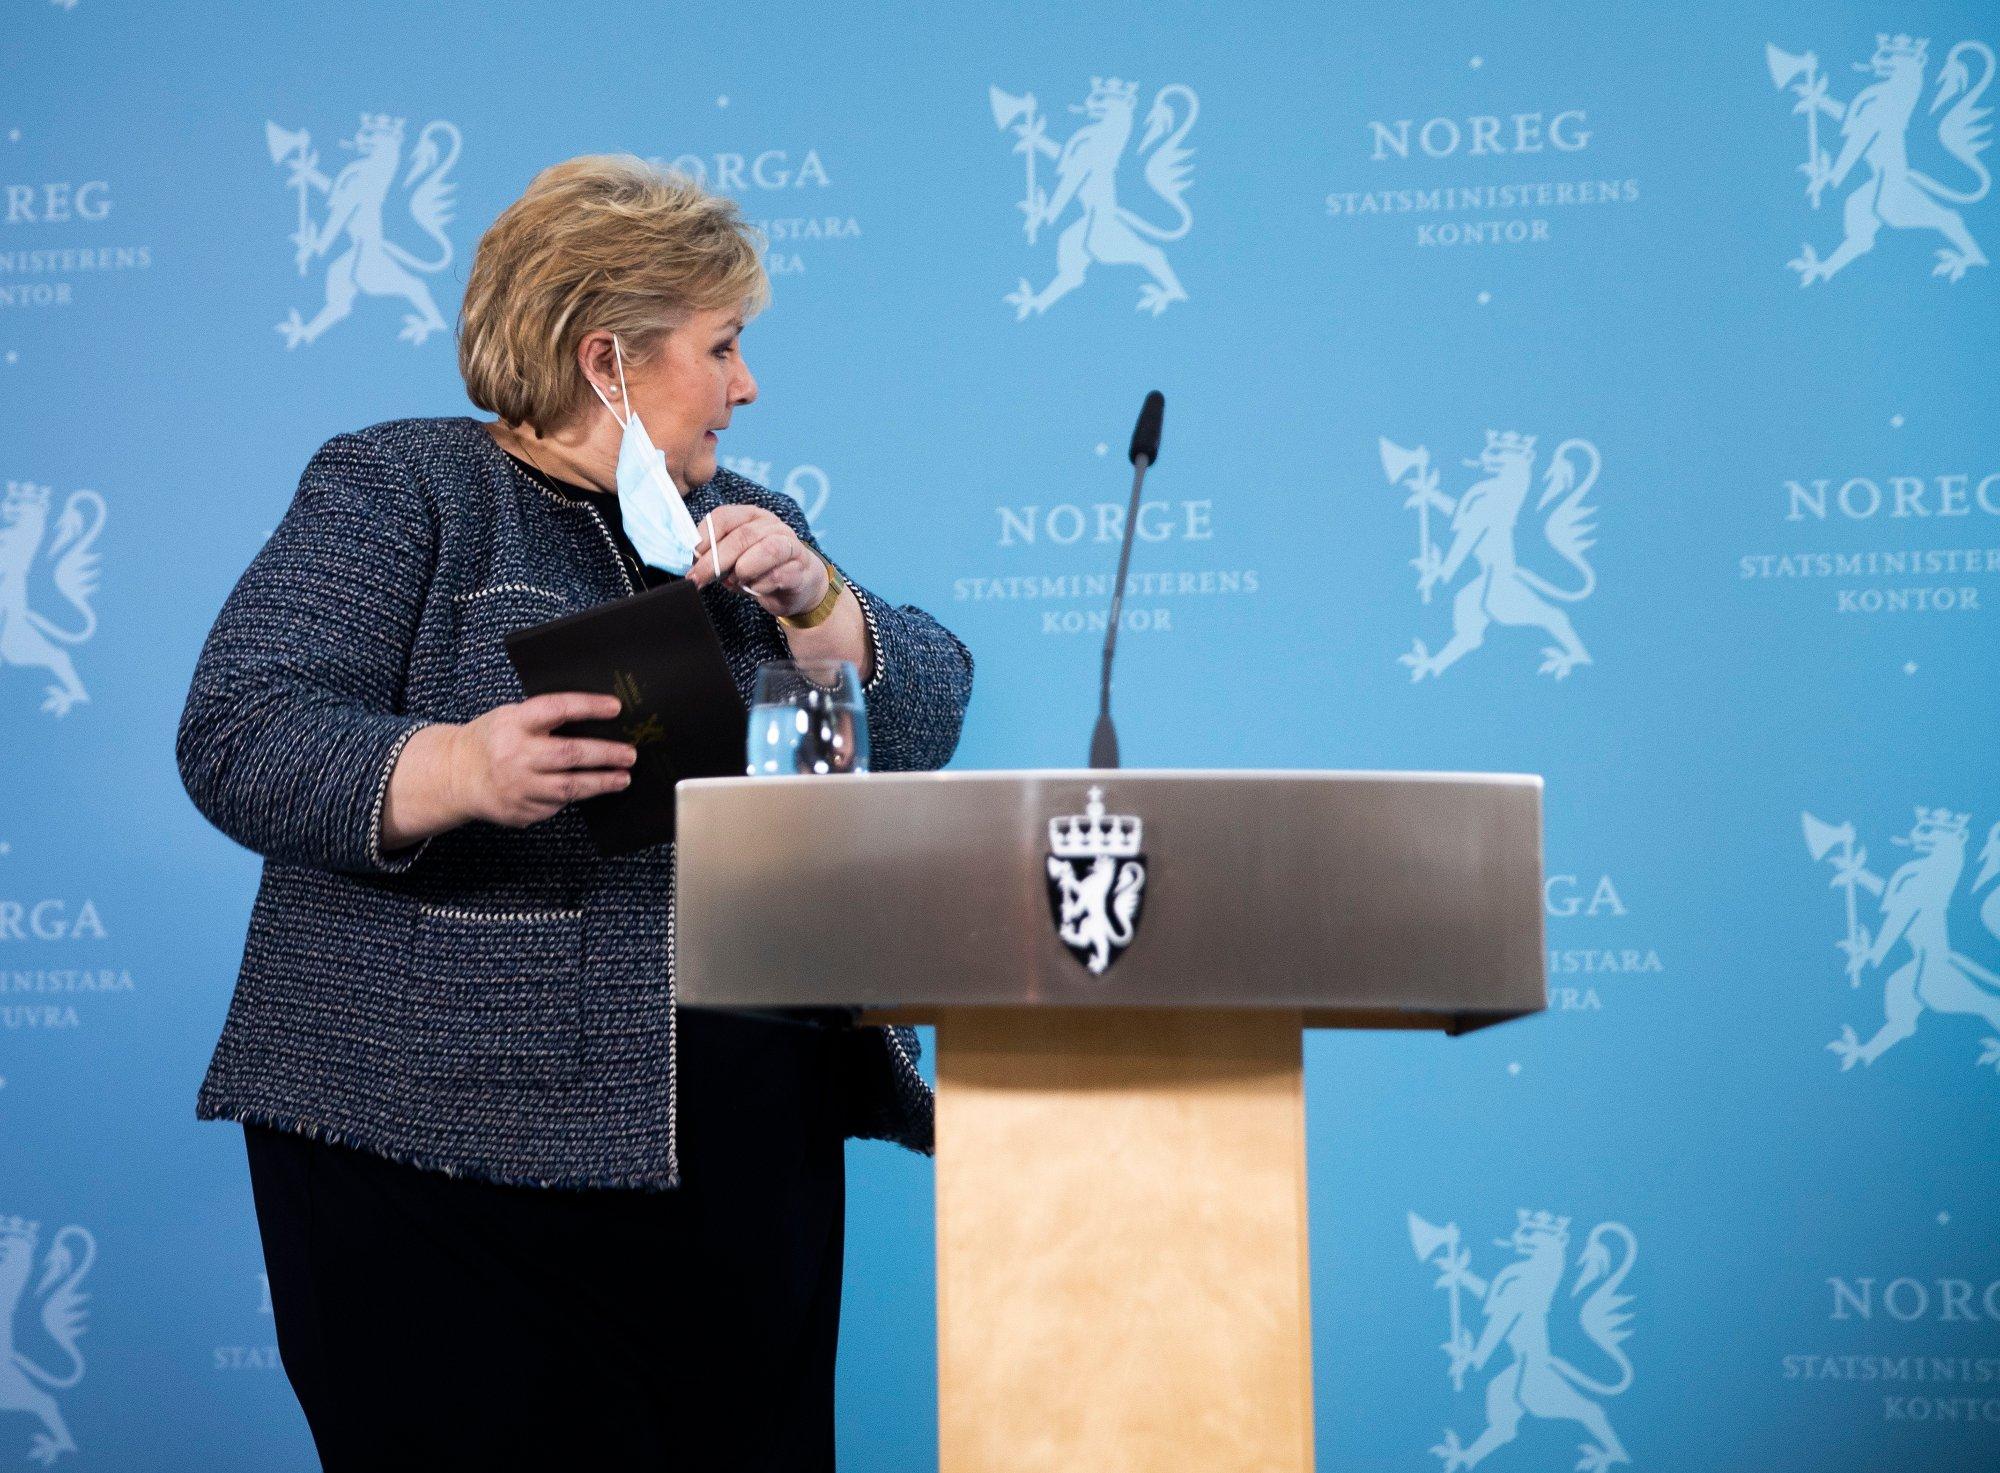 IKKE FULL GJENÅPNING: Statsminister Erna Solberg fotografert i april da hun presenterte gjenåpningsplanen. Mandag var budskapet at trinn fire i gjenåpingsplanen er satt på vent inntil videre.